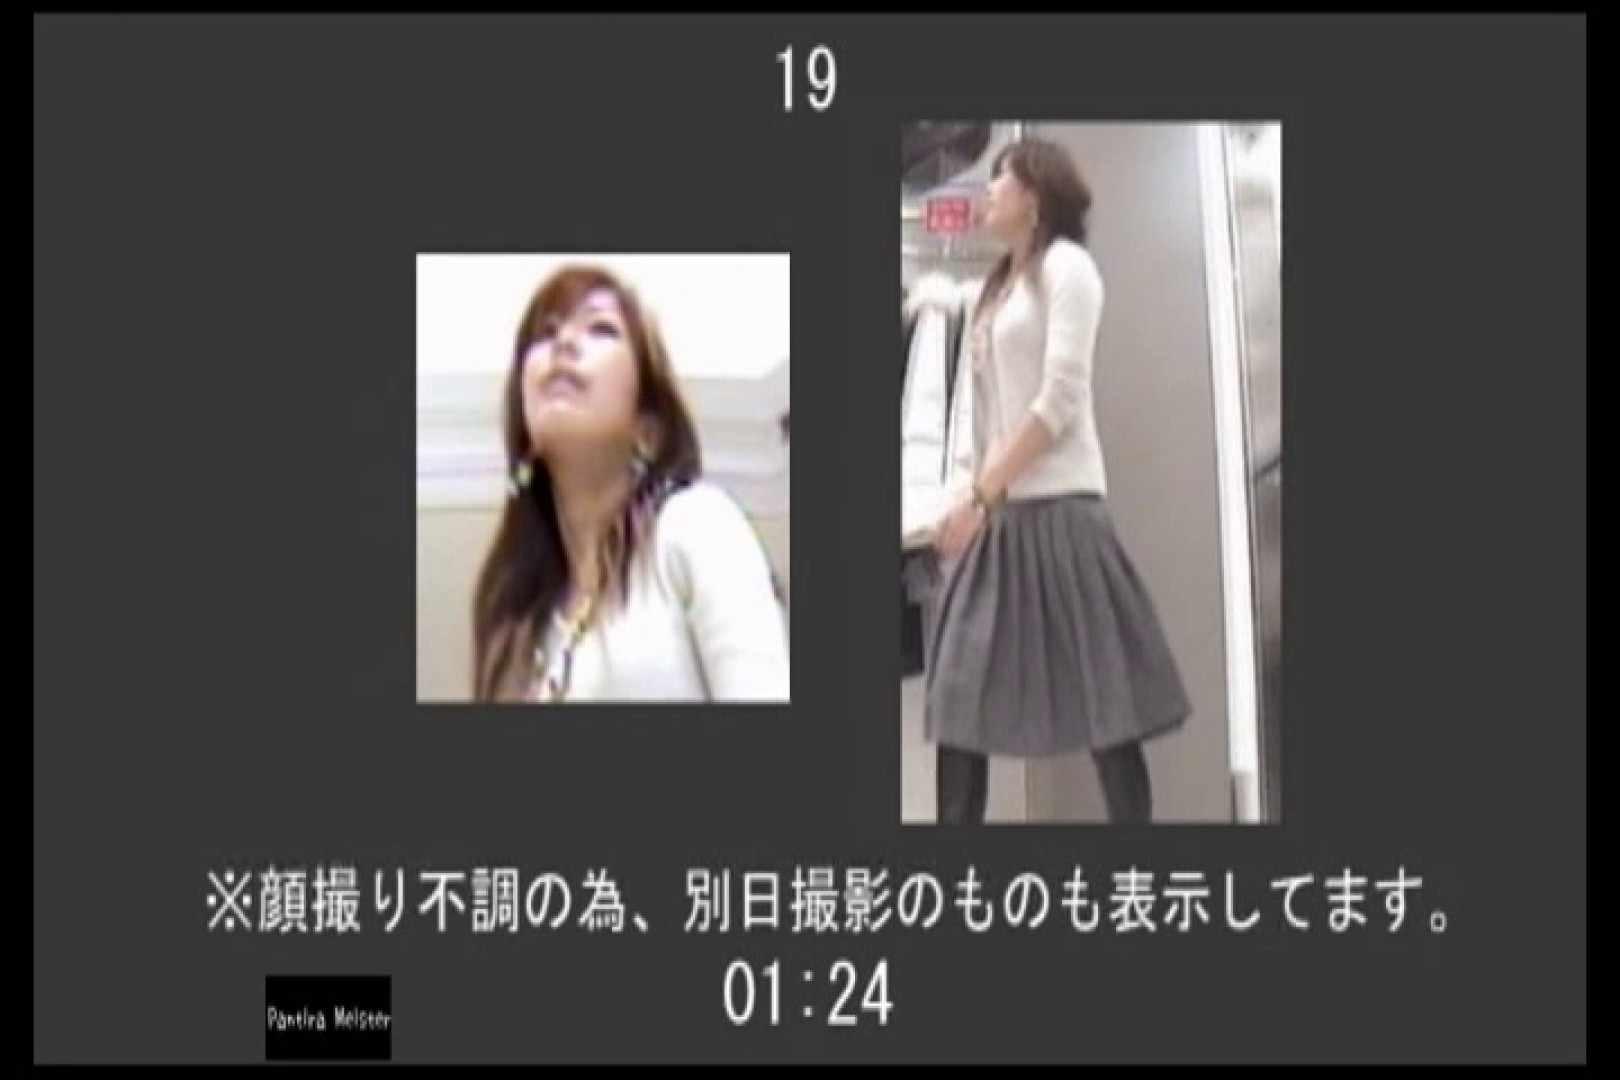 オリジナルパンチラ No.010 店員さん パンチラ エロ画像 34連発 5